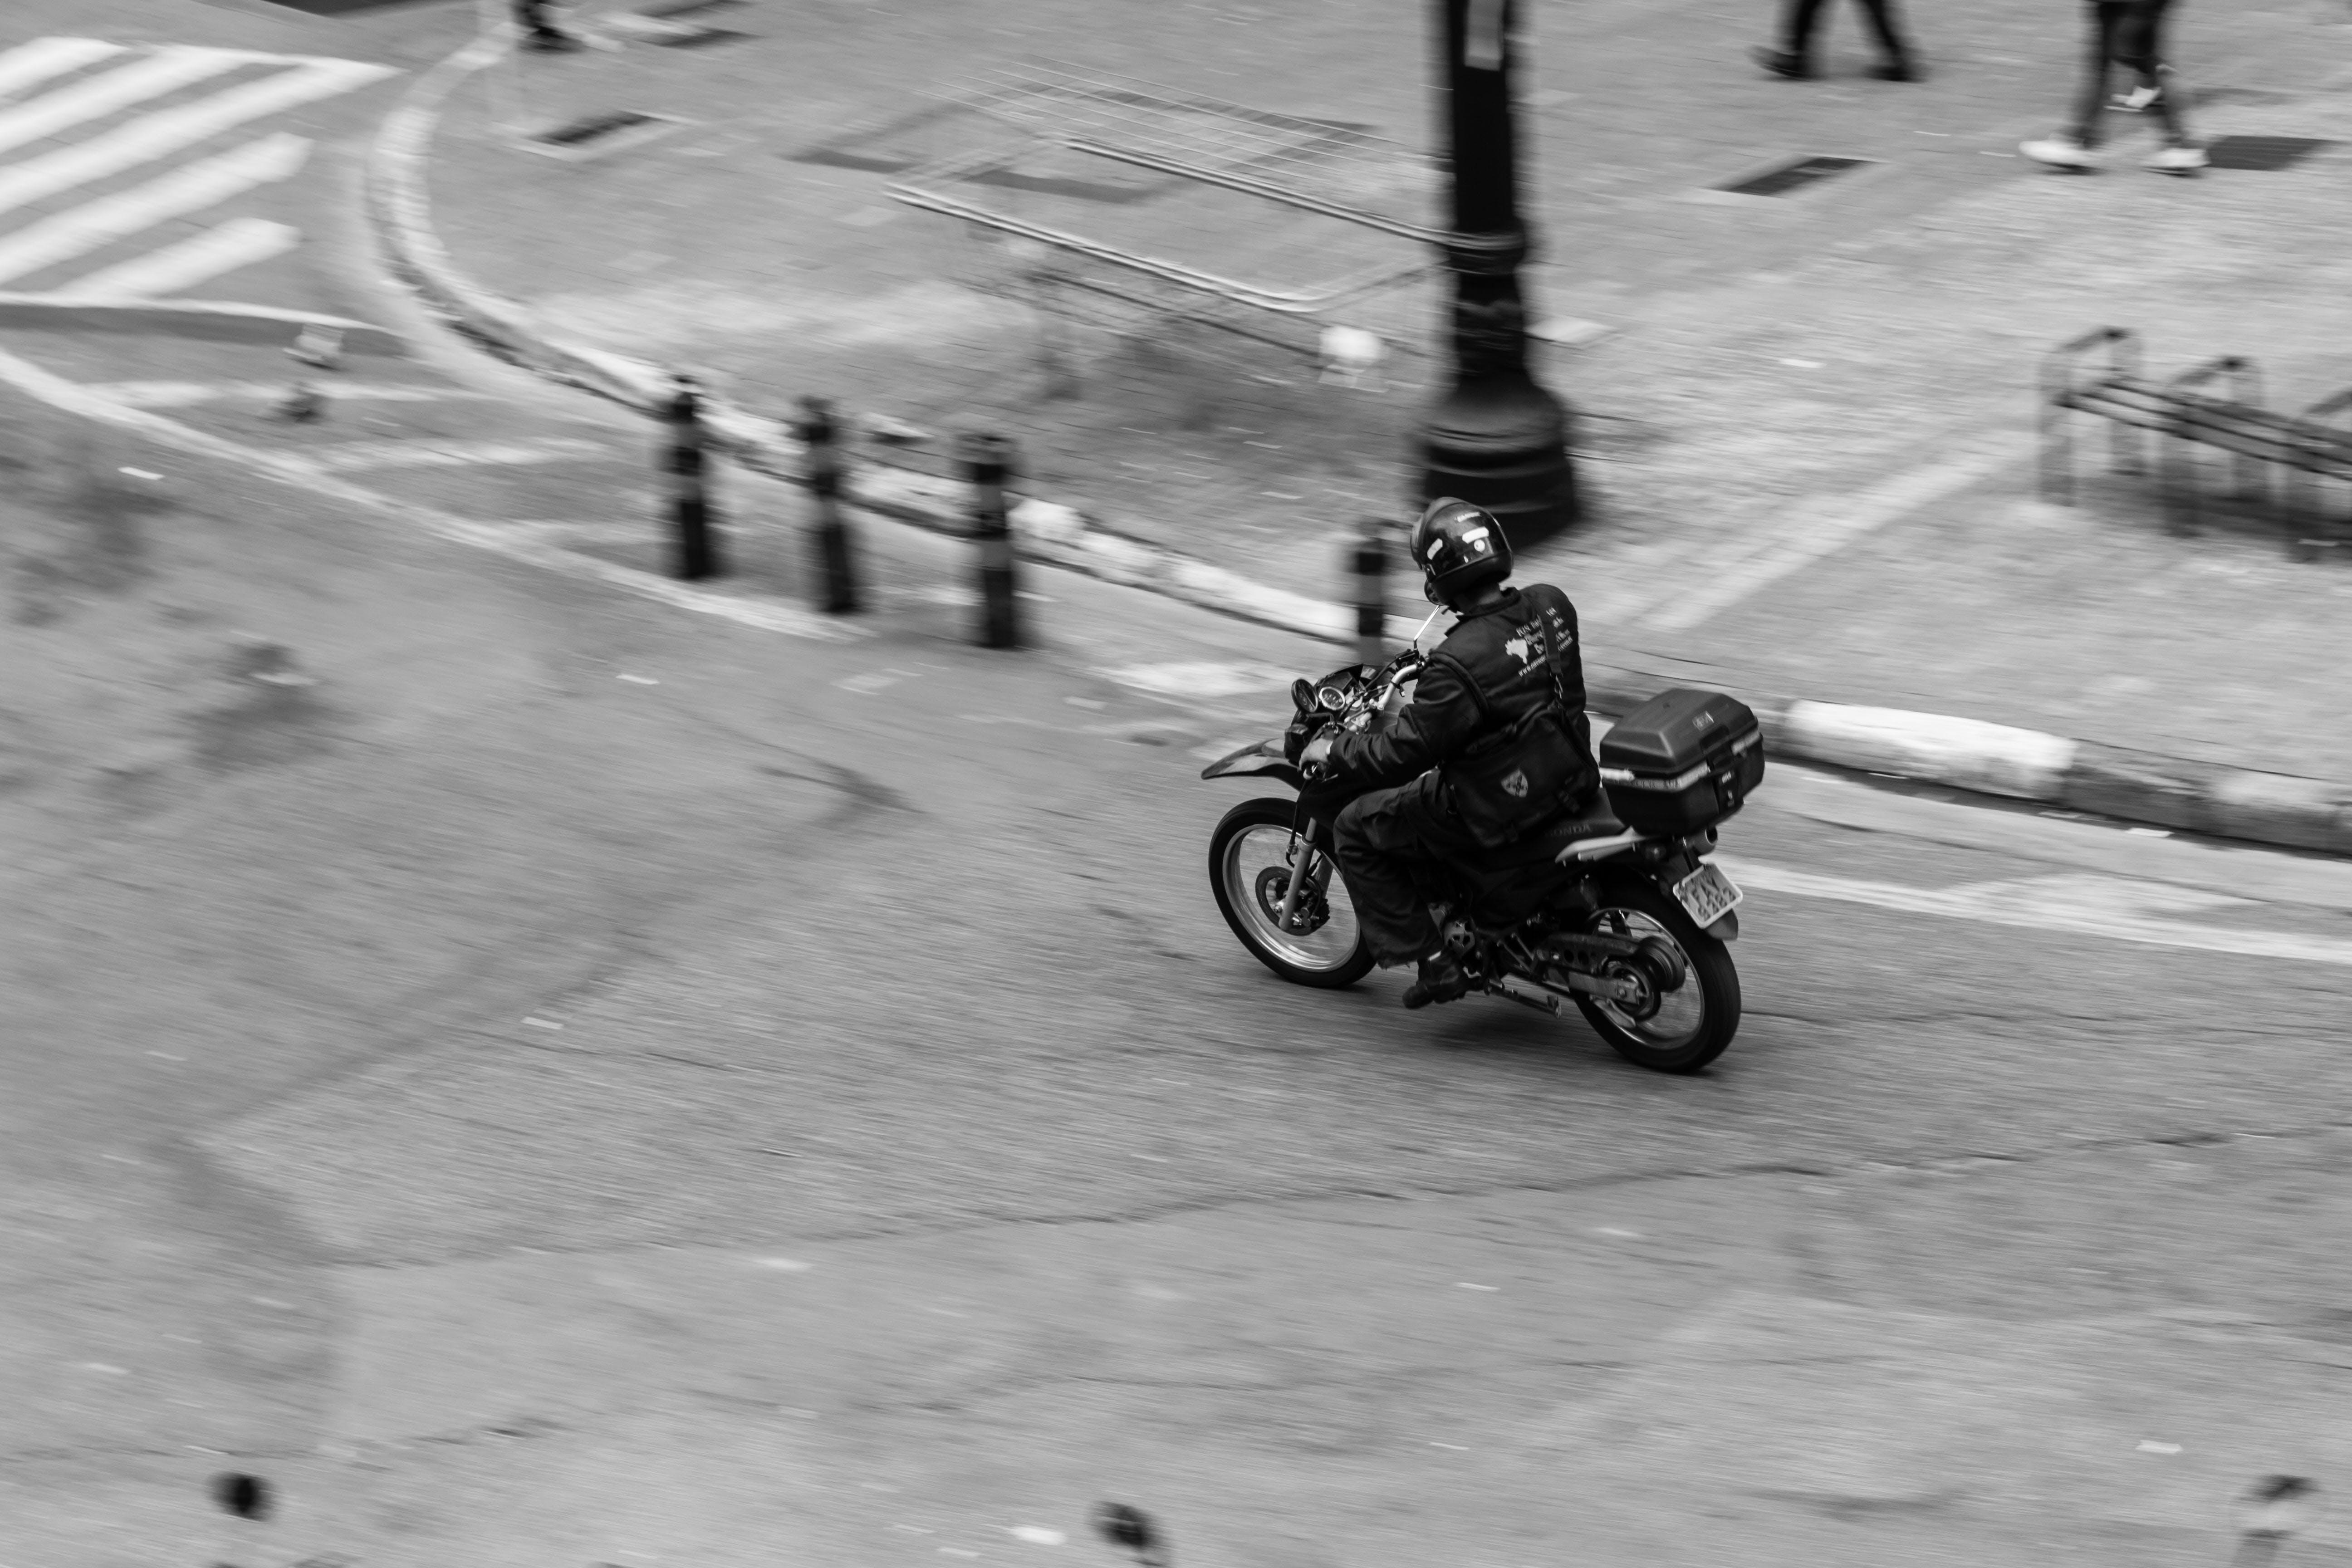 ぼかし, アクション, サイクリスト, シティの無料の写真素材